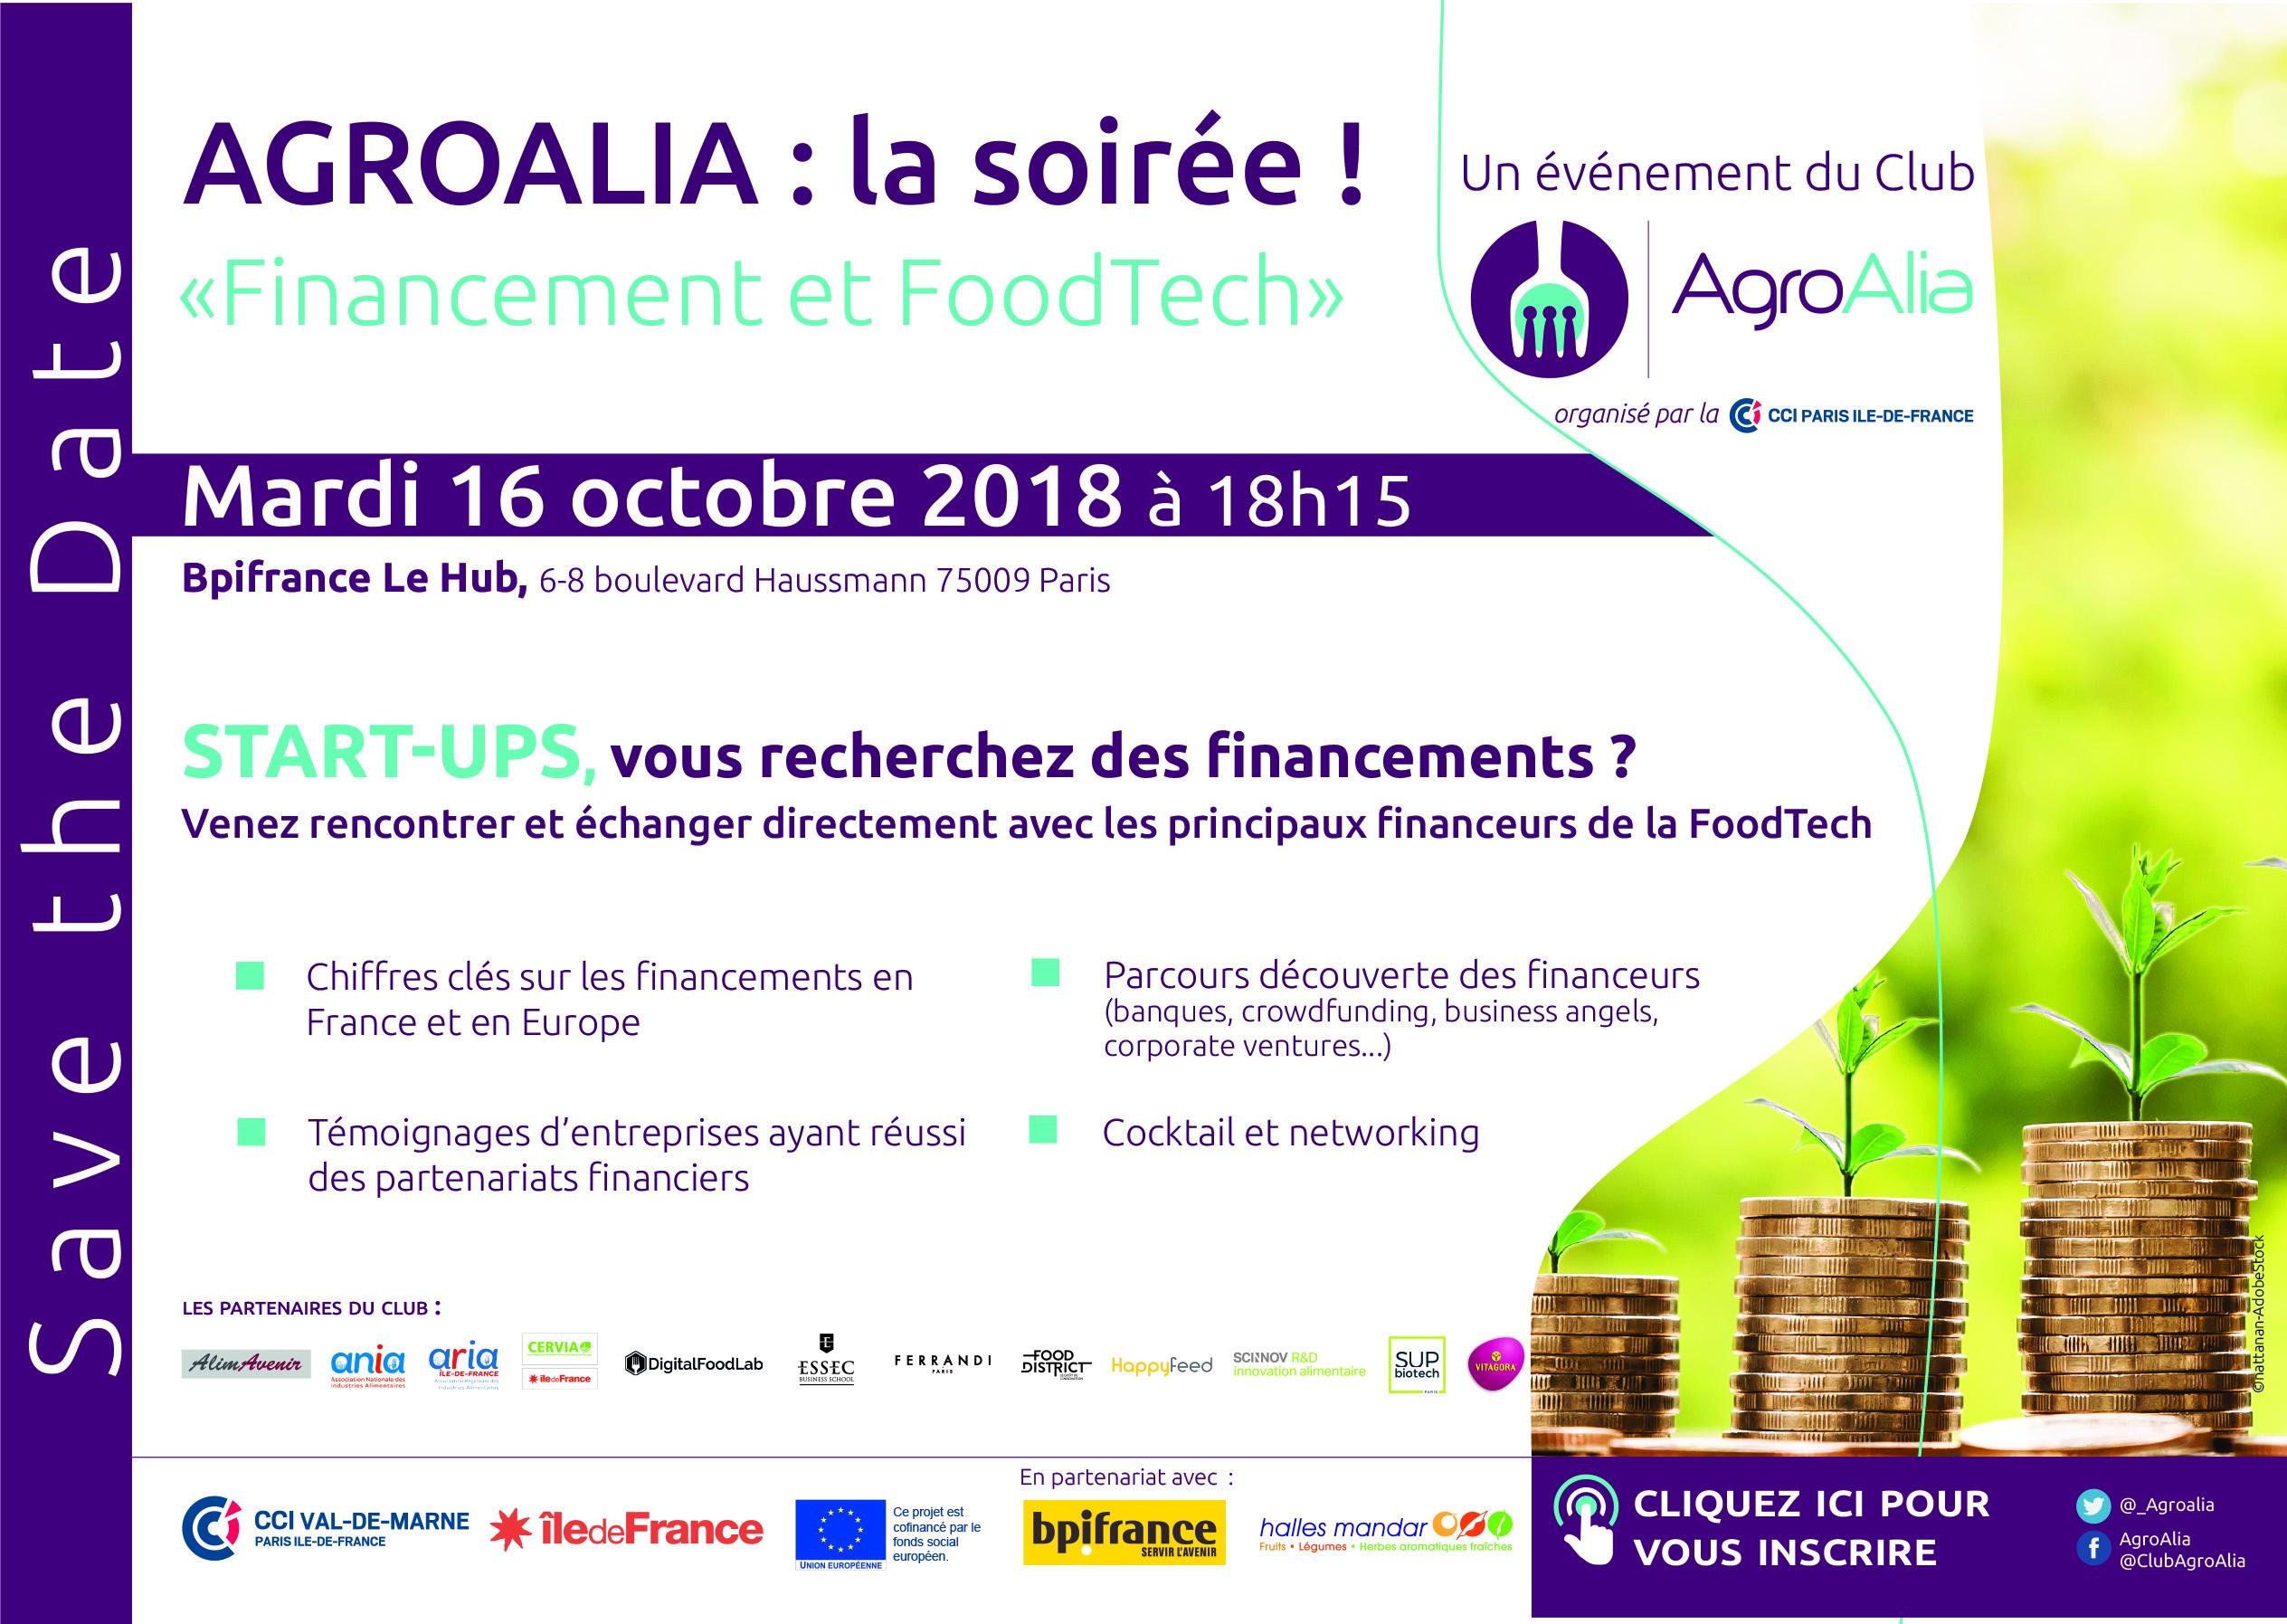 Save the date 2018 format e mailing - Agroalia : soirée Financement et FoodTech